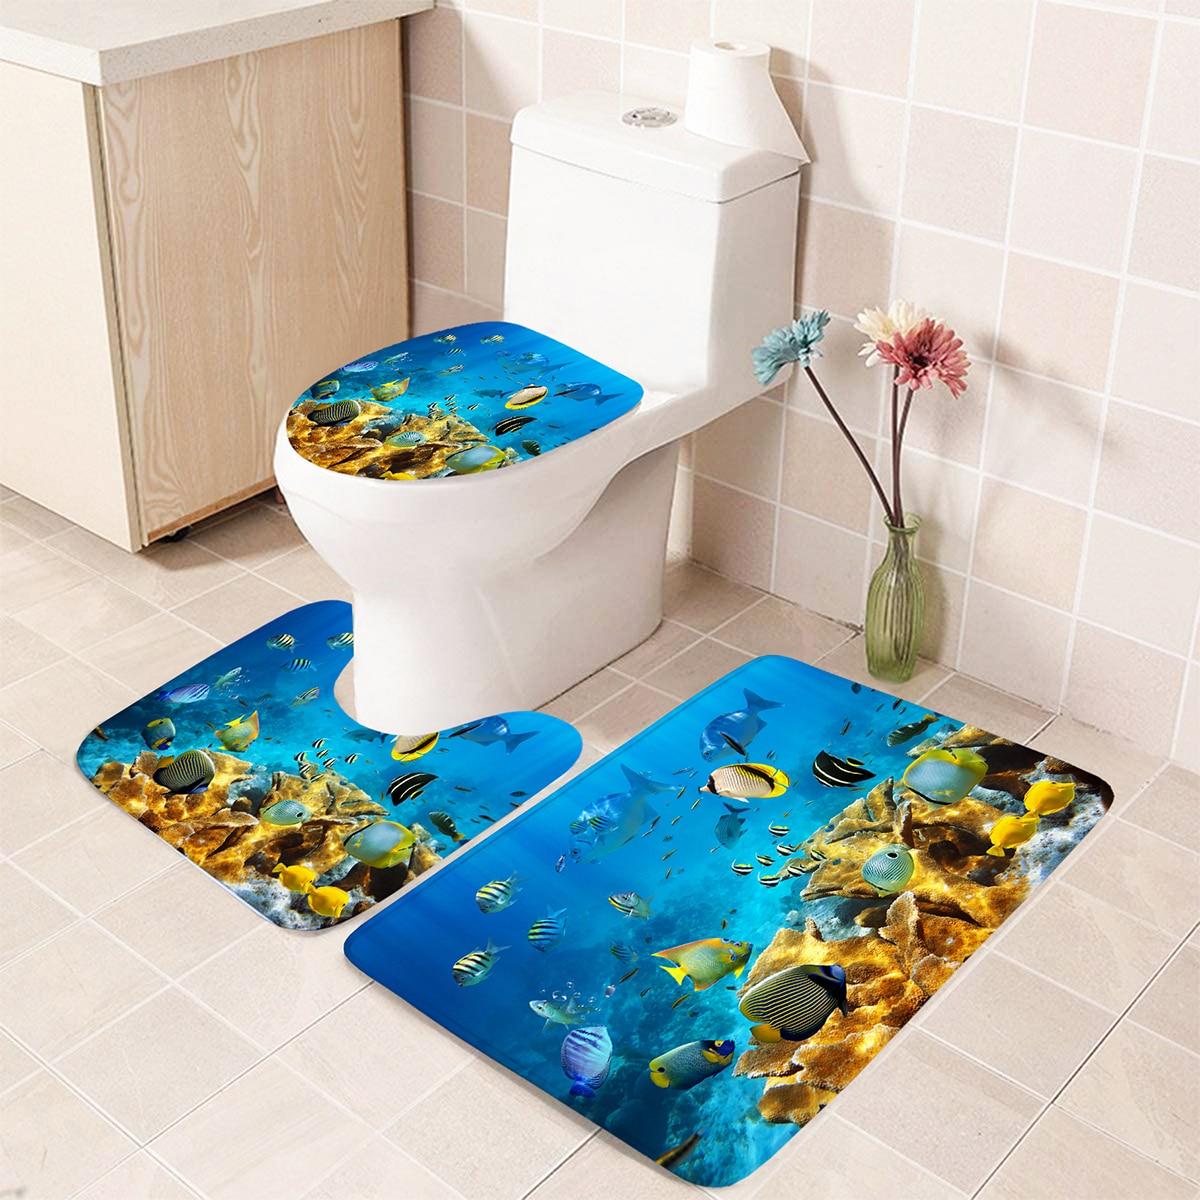 1 Stück Badezimmer Non-slip Toilette-Matte mit Fisch Muster